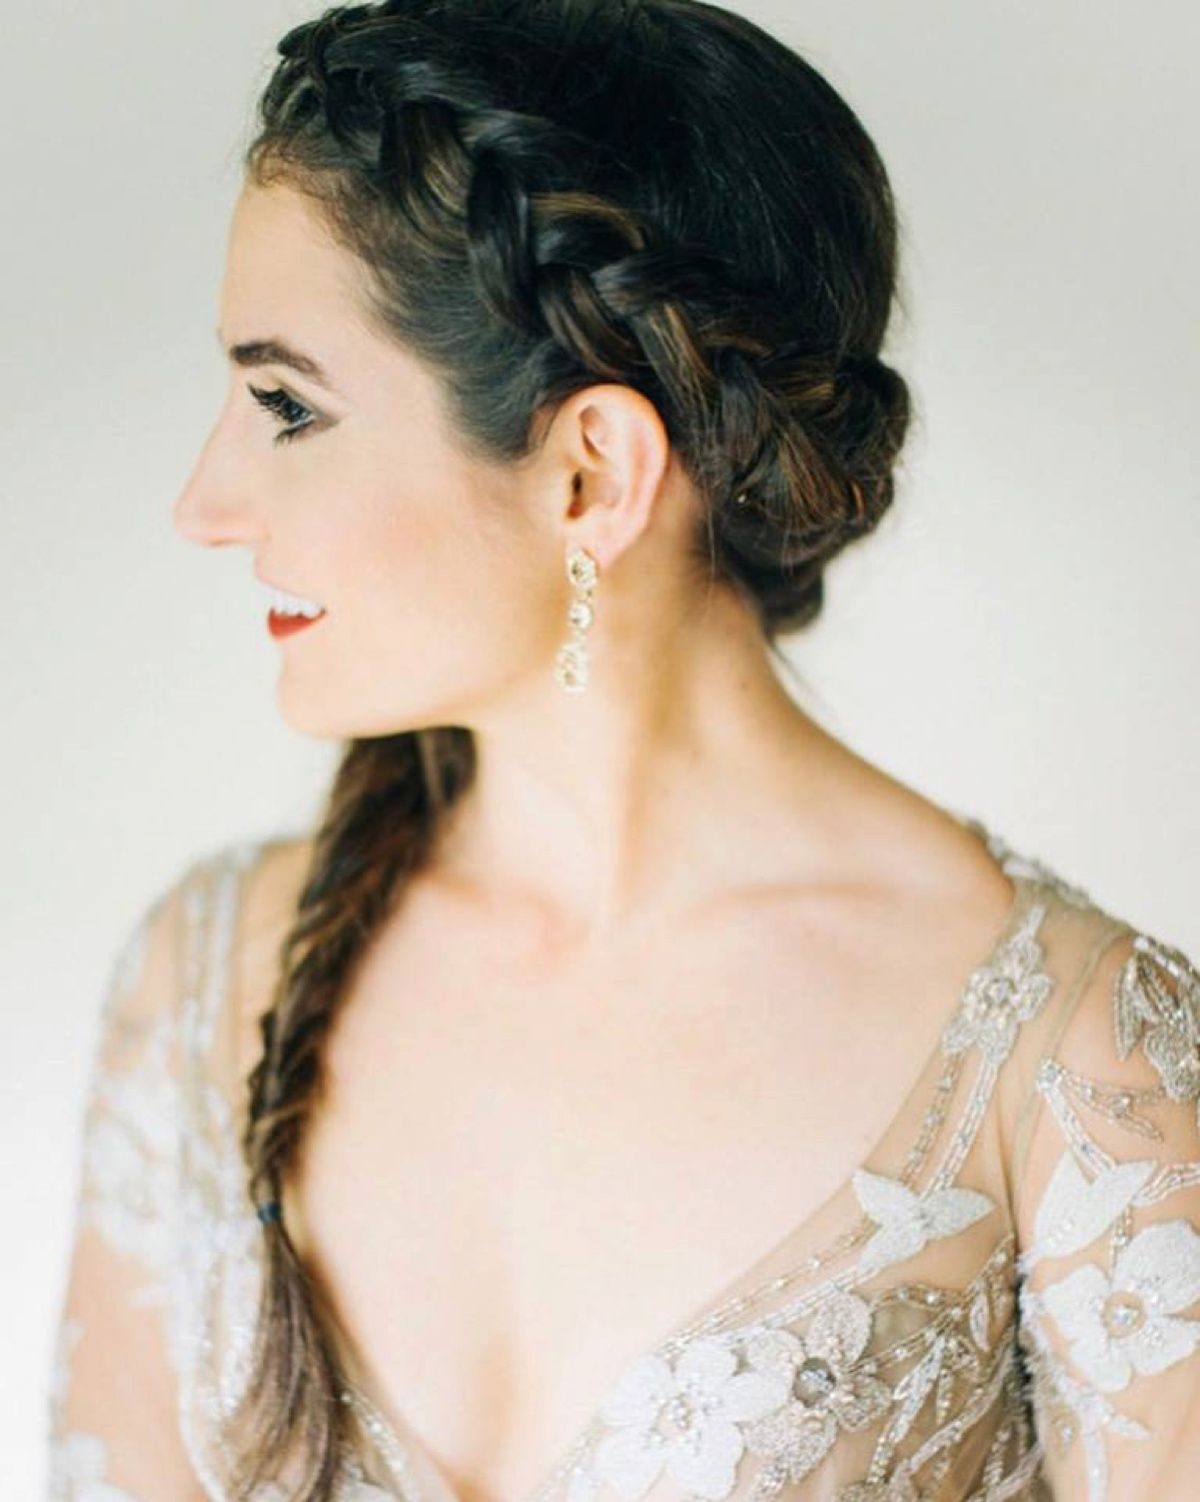 Wedding hair u makeup inspiration stunning looks from jl makeup